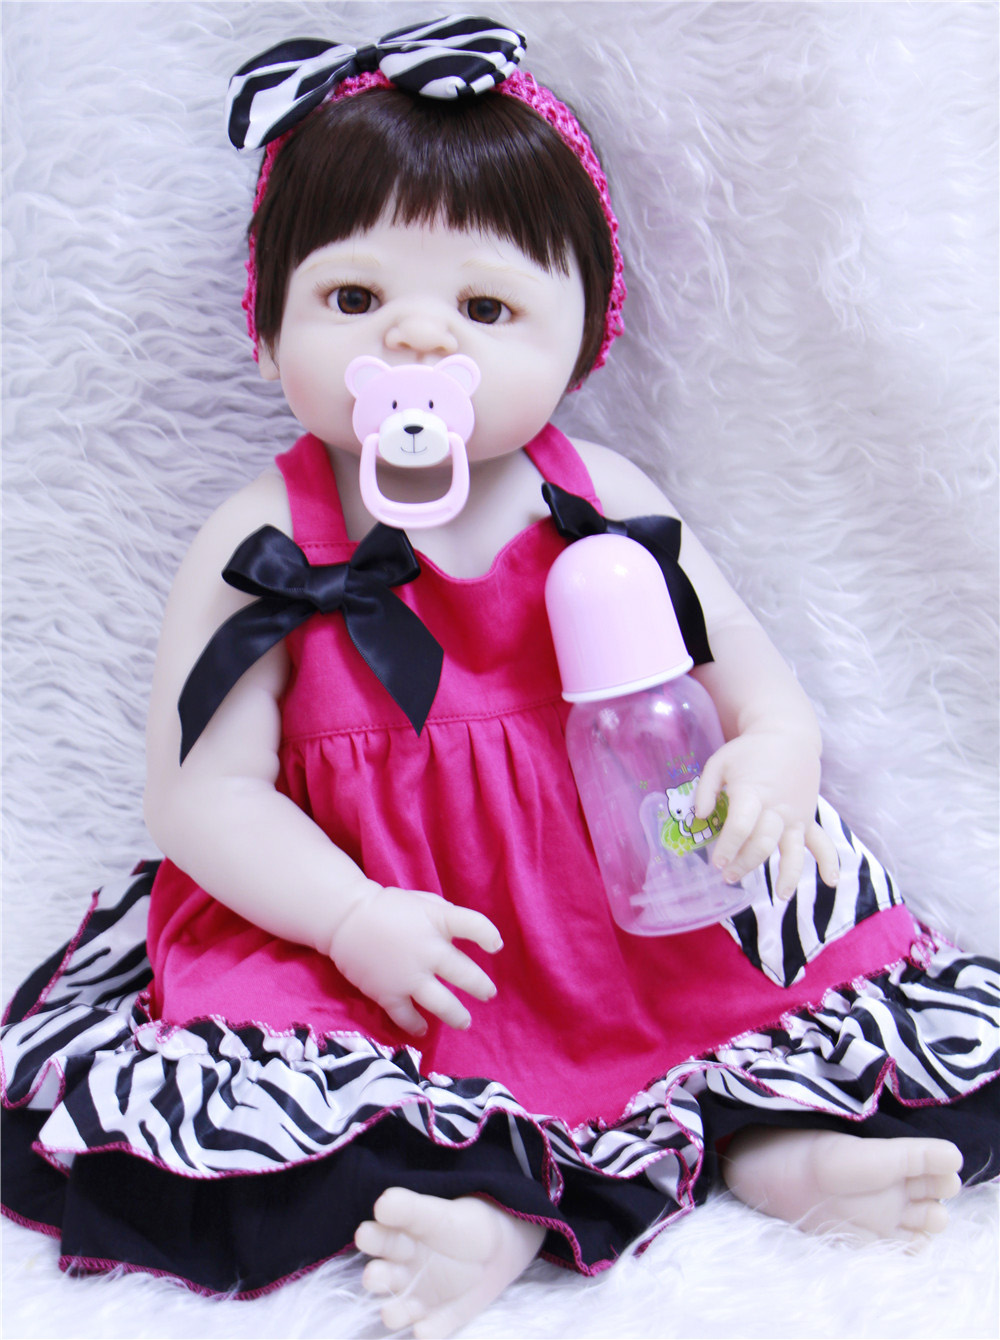 55 cm Reborn silicone complet bébé poupées réaliste poupées pour filles poupée Reborn Silicone souple boneca bebe vivant peau blanche princesse